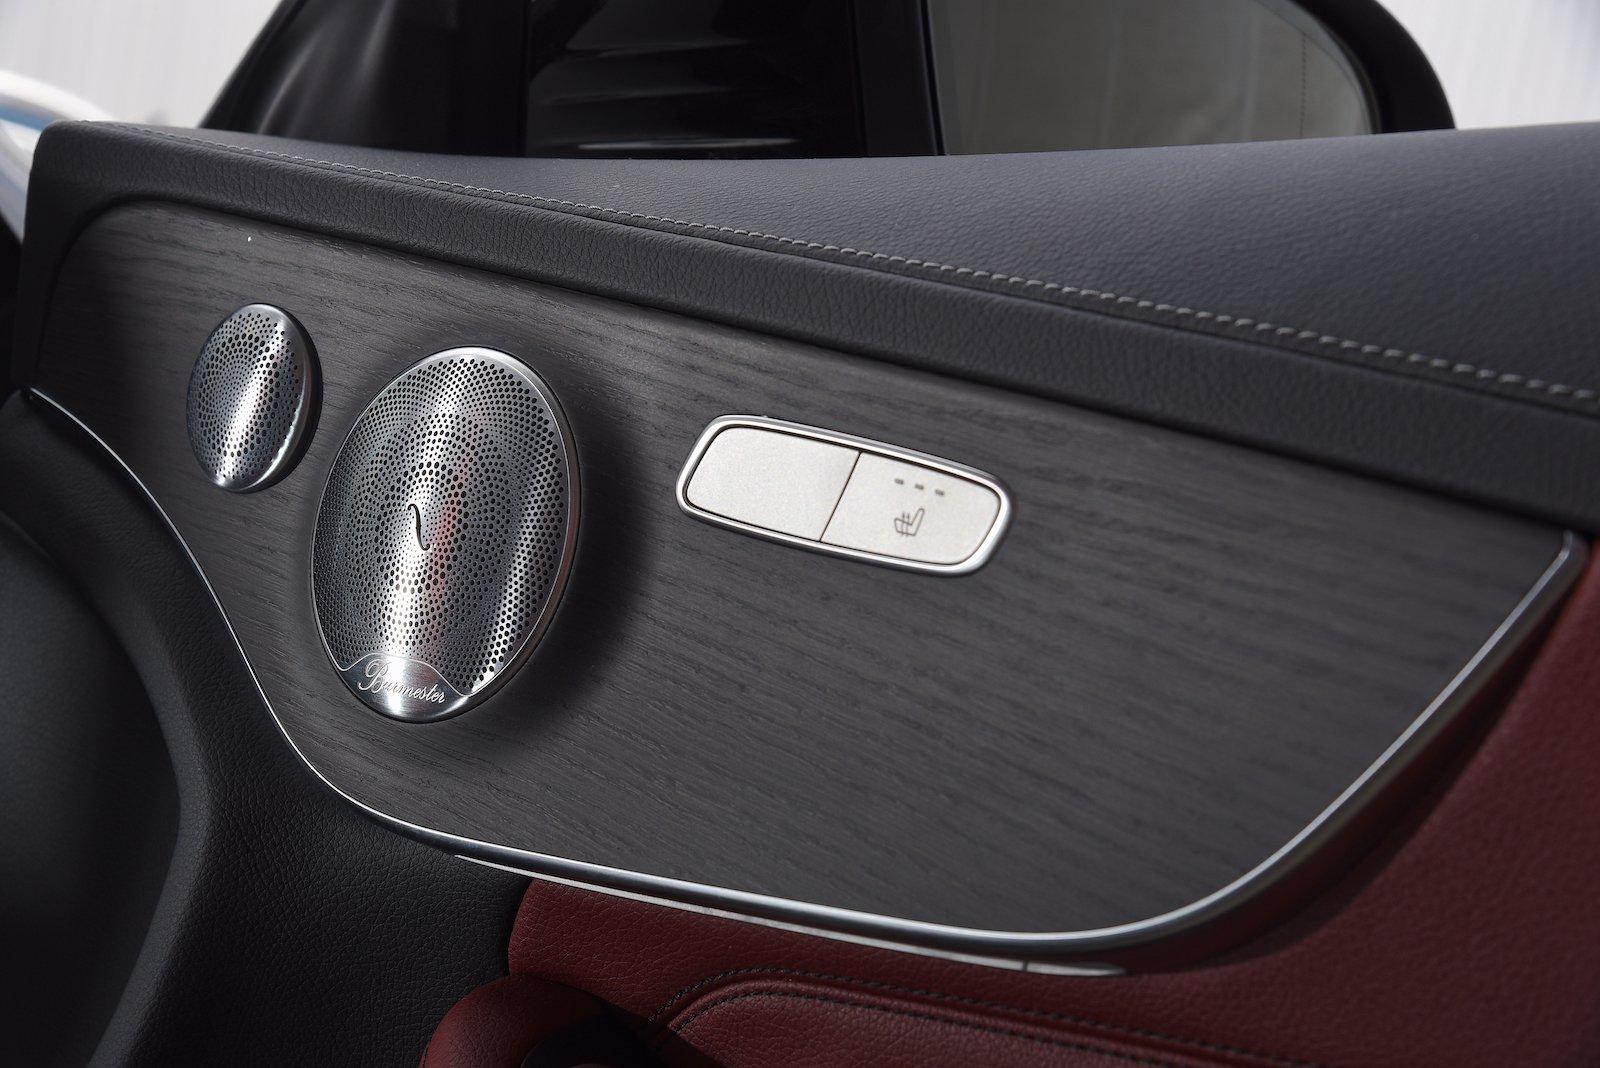 Mercedes-Benz C-Class Coupe 2019 interior door detail